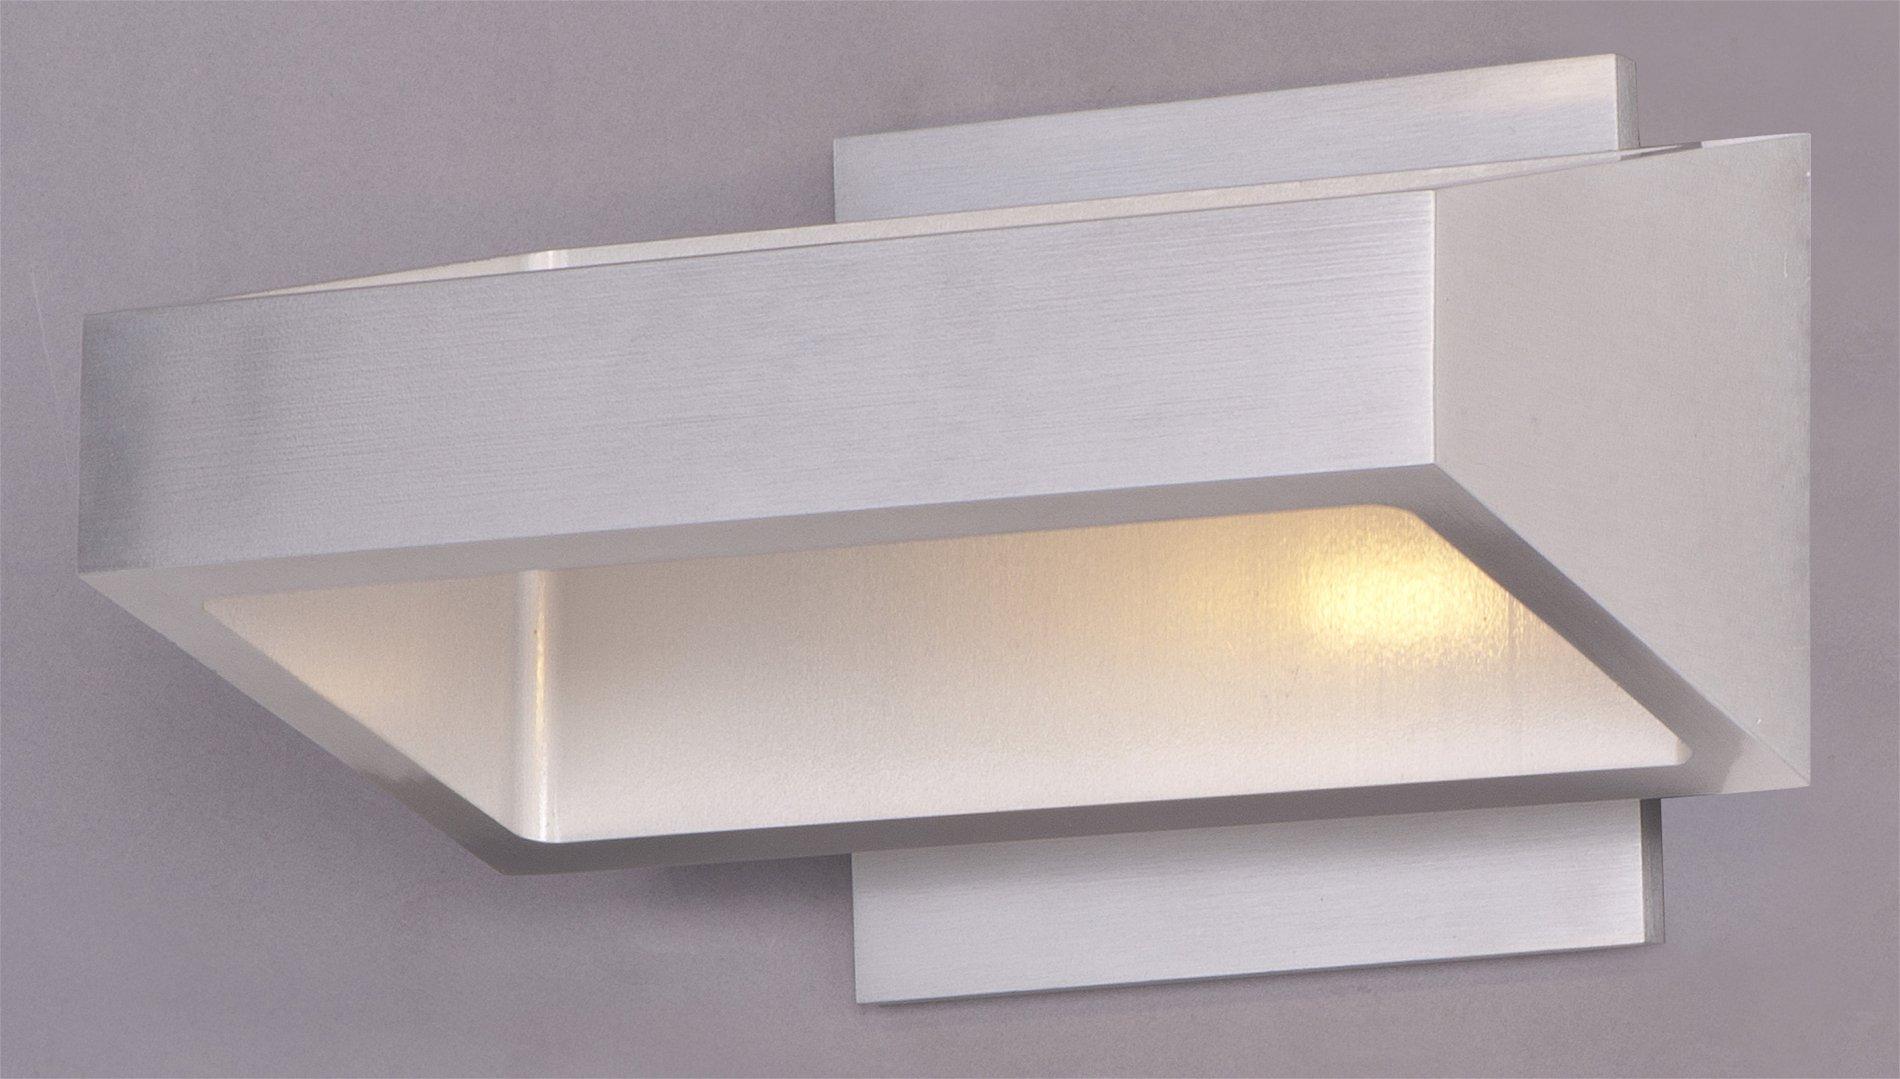 ET2 E41302-SA Alumilux LED Modern / Contemporary Outdoor Wall Sconce E41302-SA